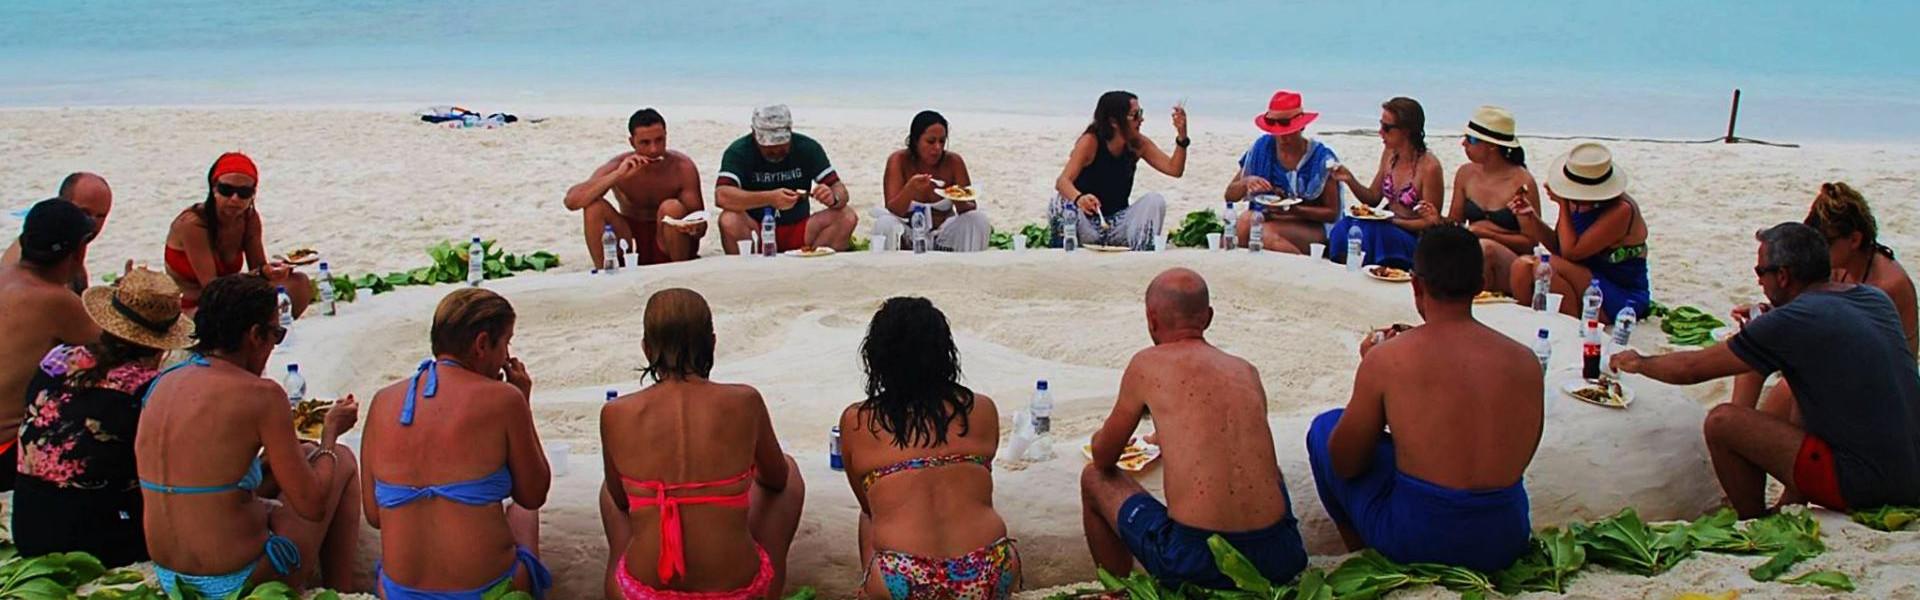 Maldivas viajar solo